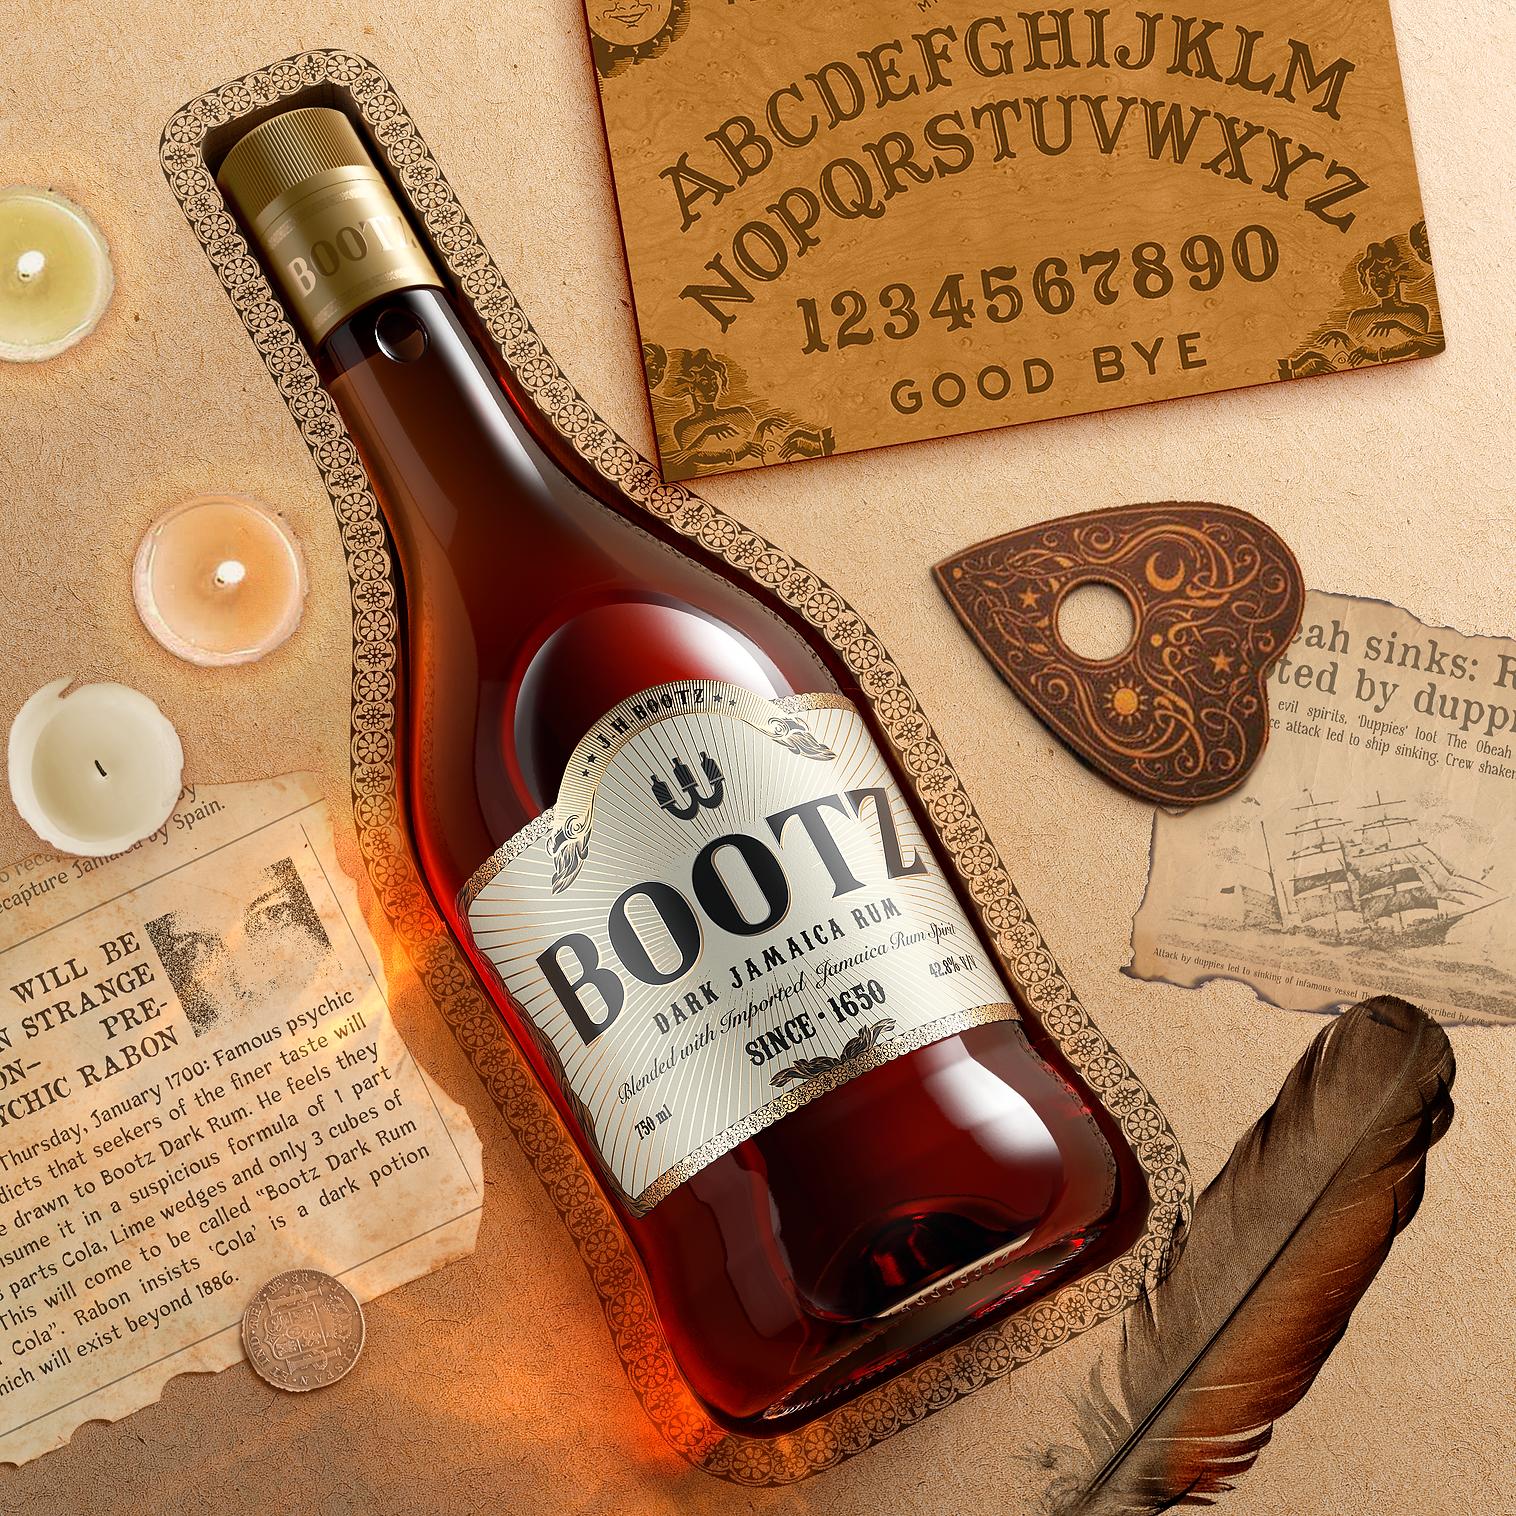 Bootz Dark Jamaica Rum Bottle